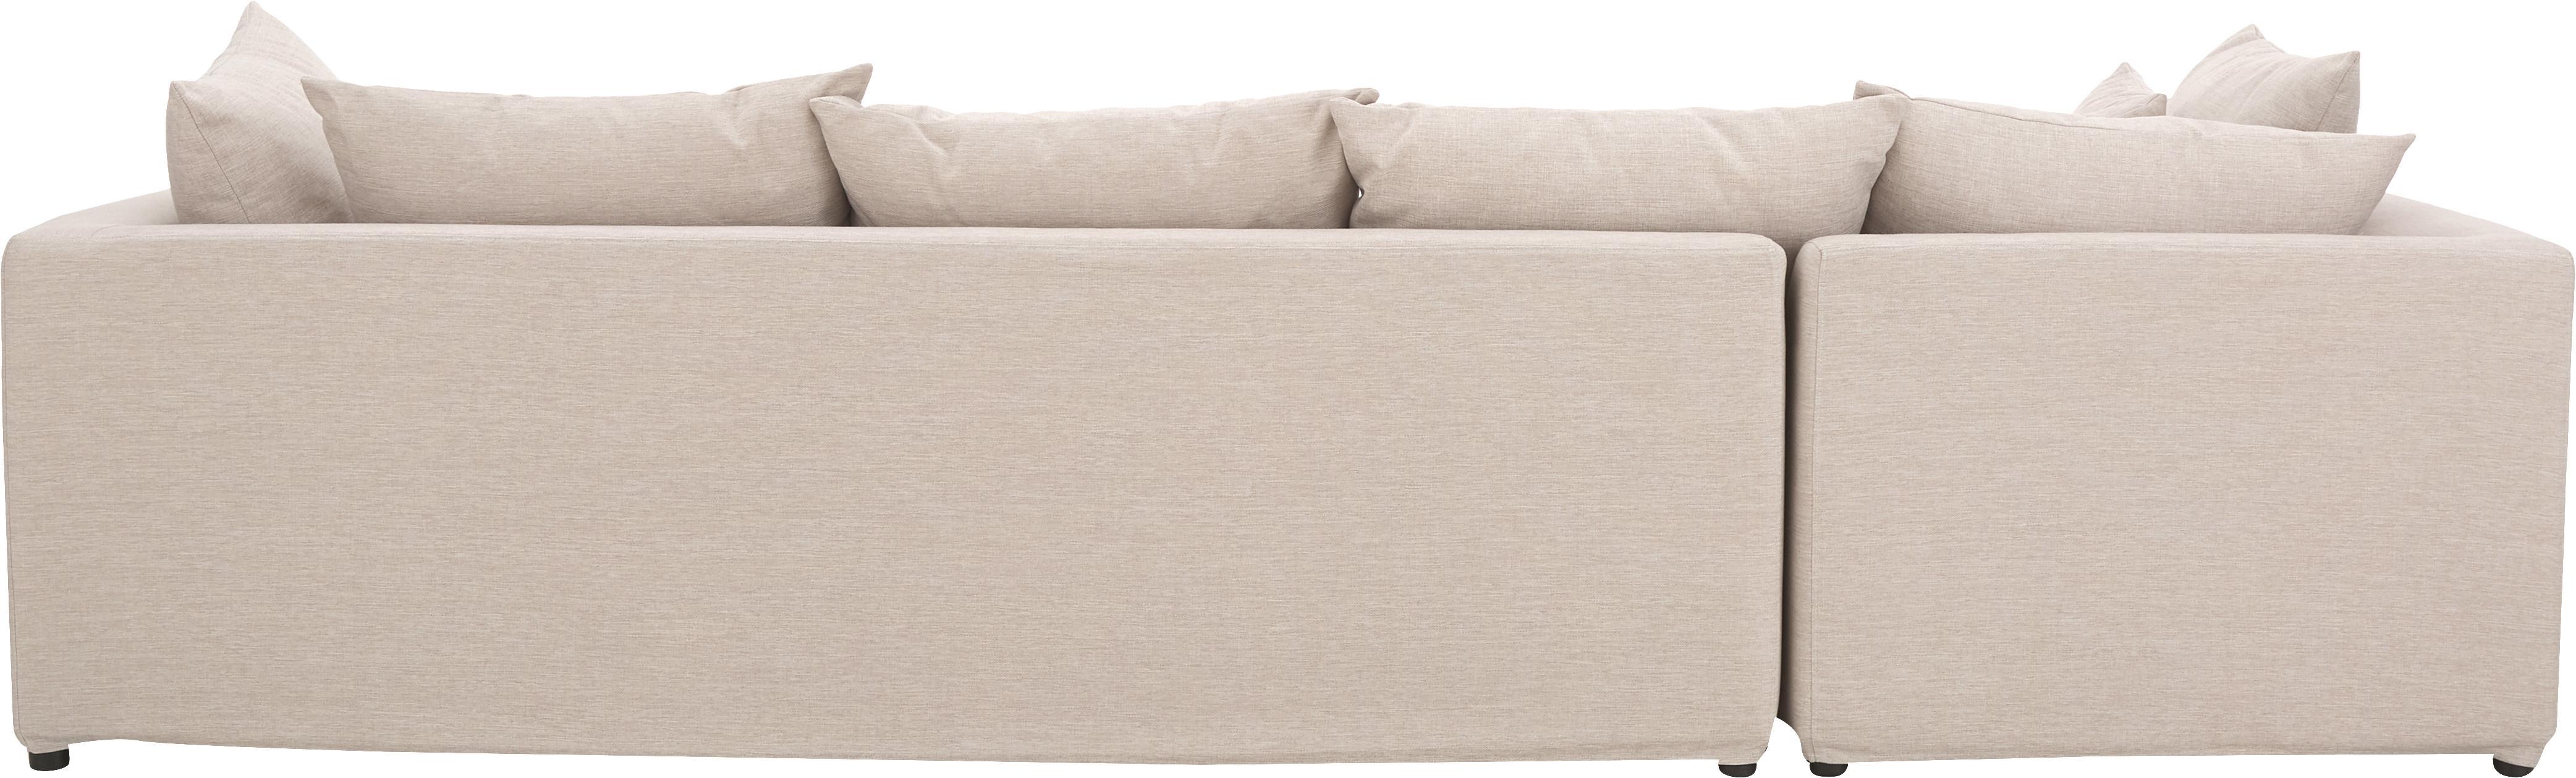 Ecksofa Zach, Bezug: Polypropylen Der hochwert, Füße: Kunststoff, Webstoff Beige, B 300 x T 213 cm